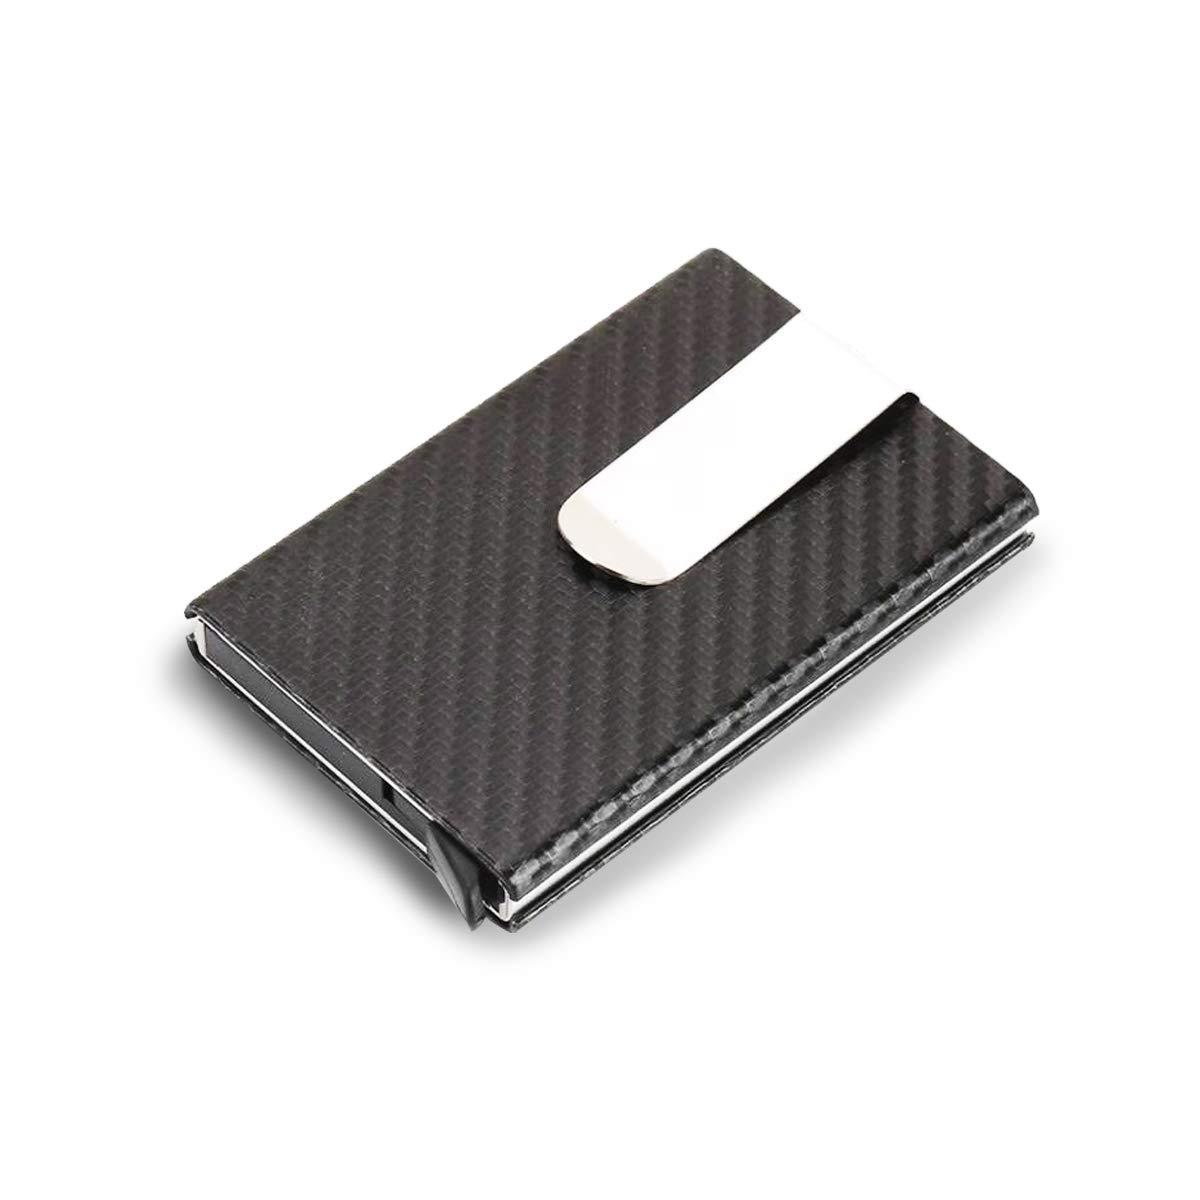 Porte-Cartes de cr/édit avec Protection RFID Portefeuille Intelligent pour 10 Cartes Pop-up en m/étal avec Double /étui